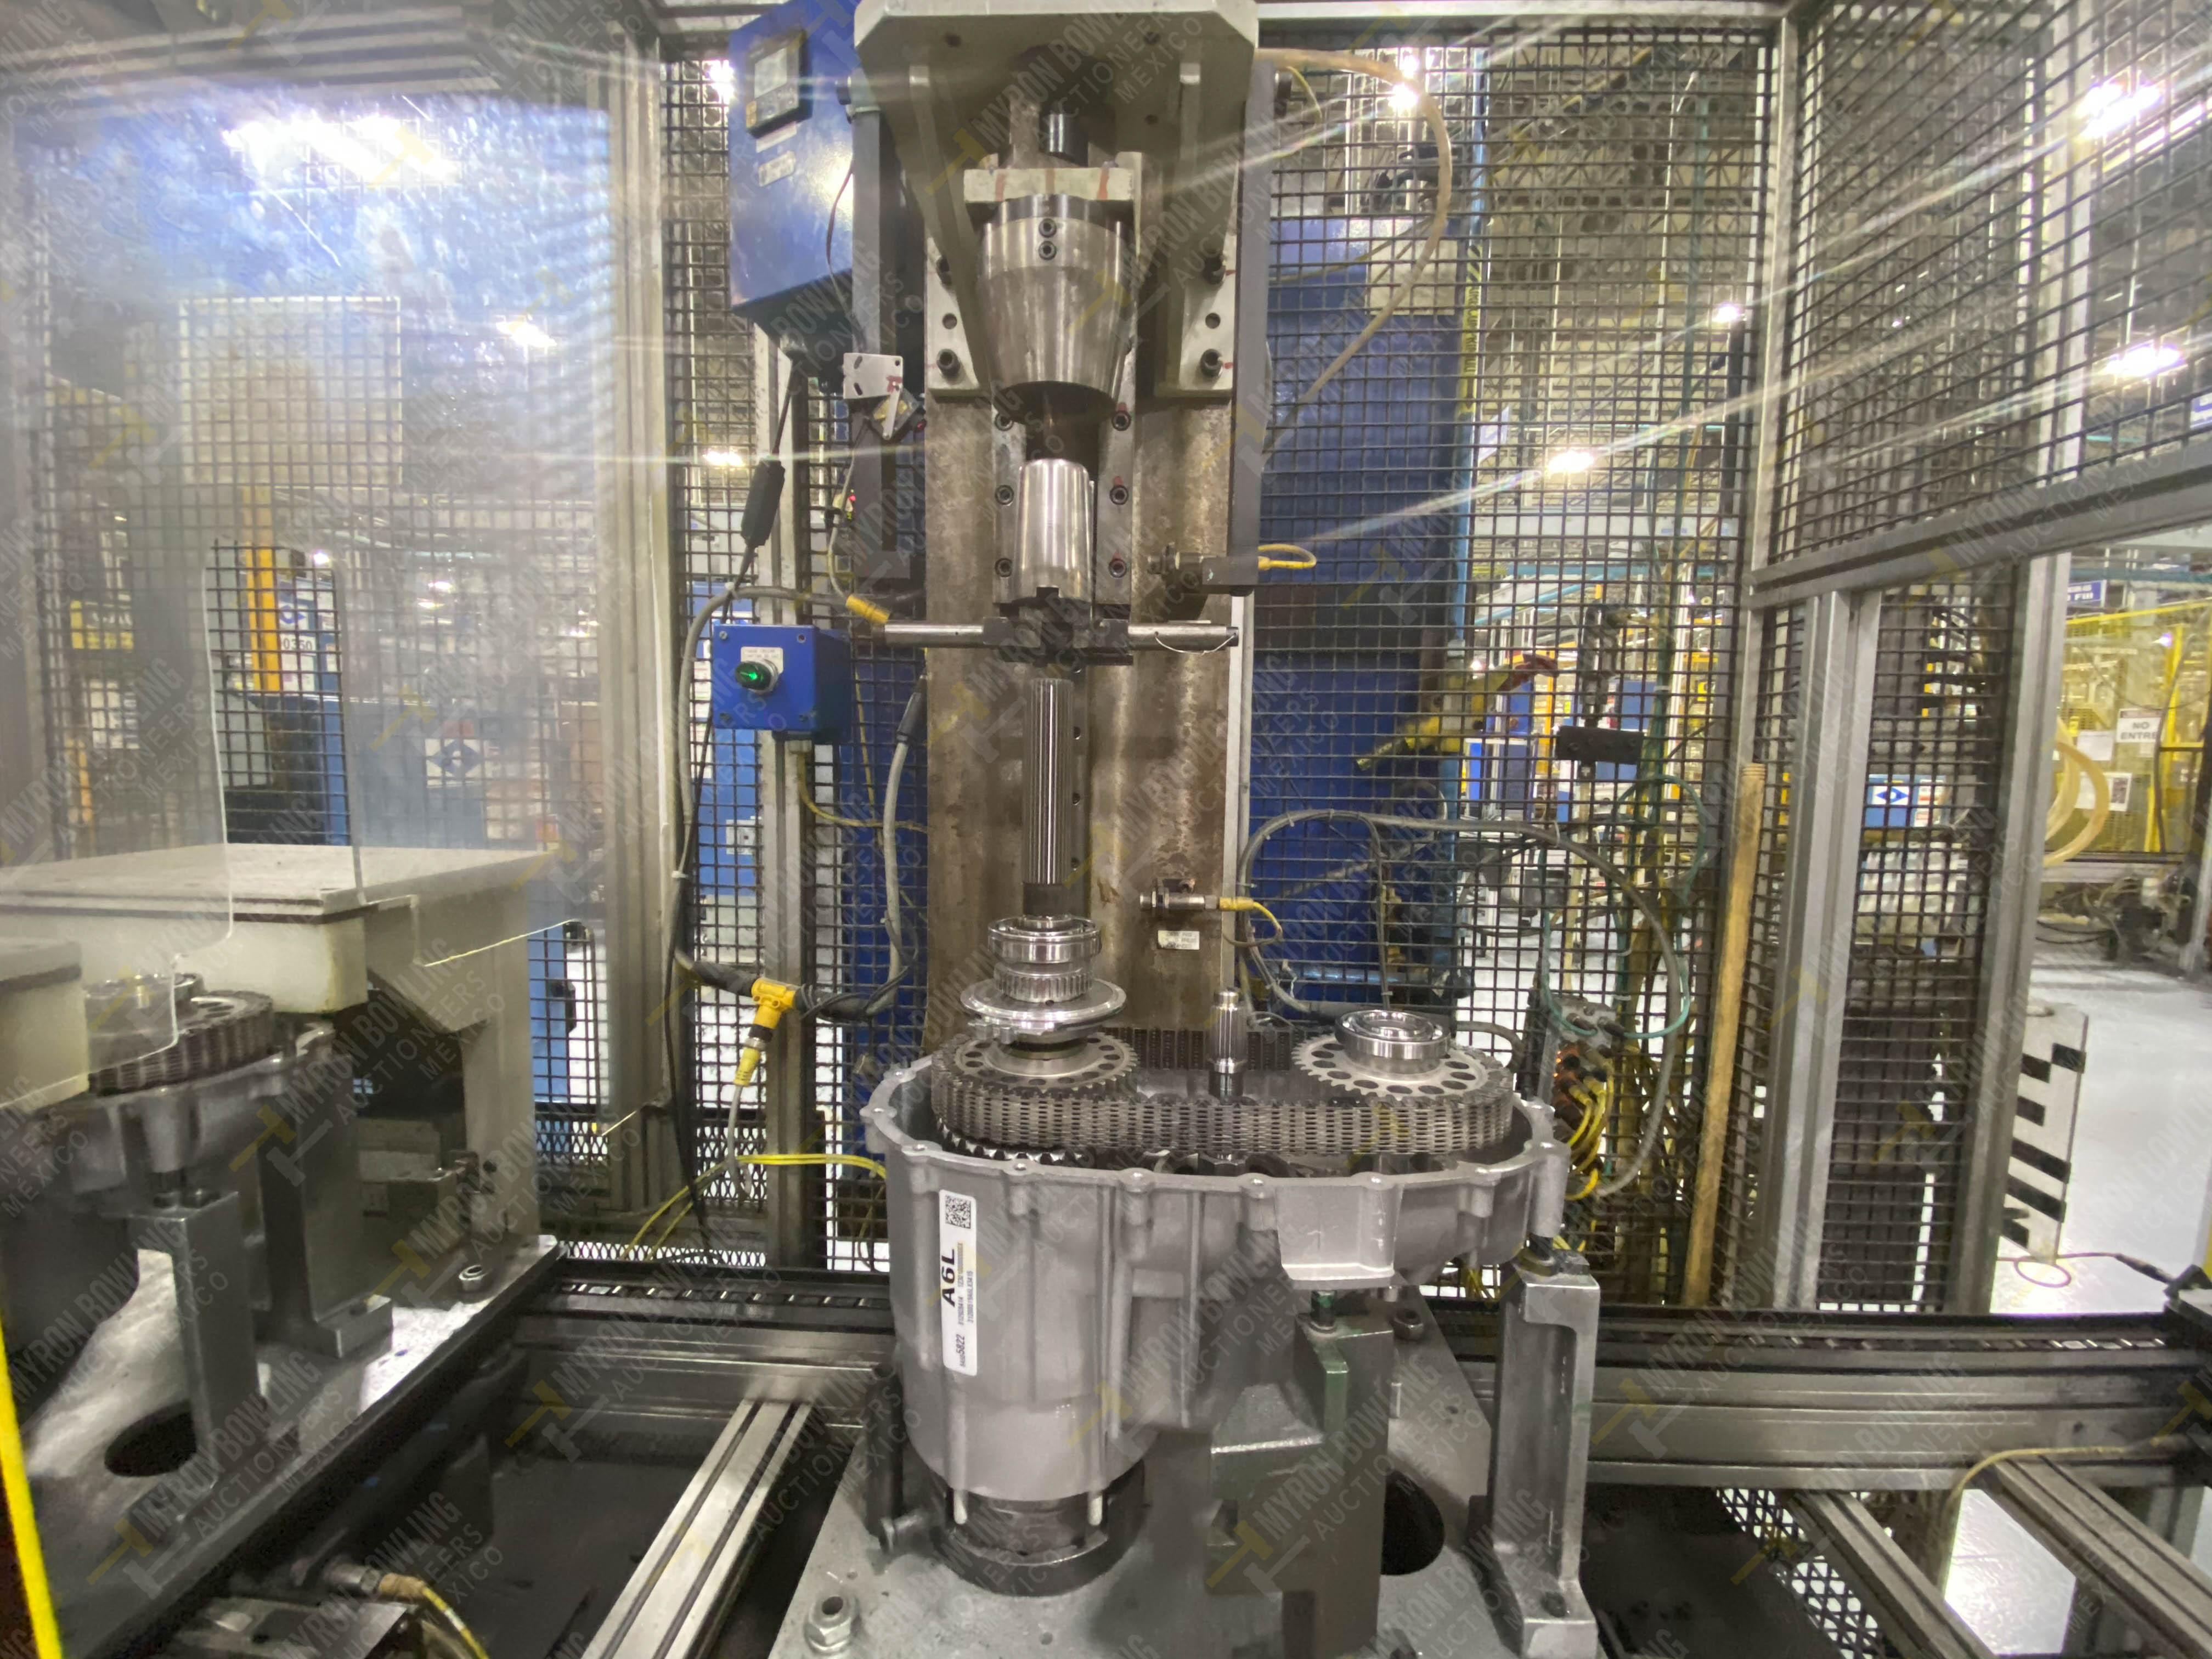 Estación semiautomática para operación 341, contiene: Prensa en estructura de placa de acero - Image 9 of 26